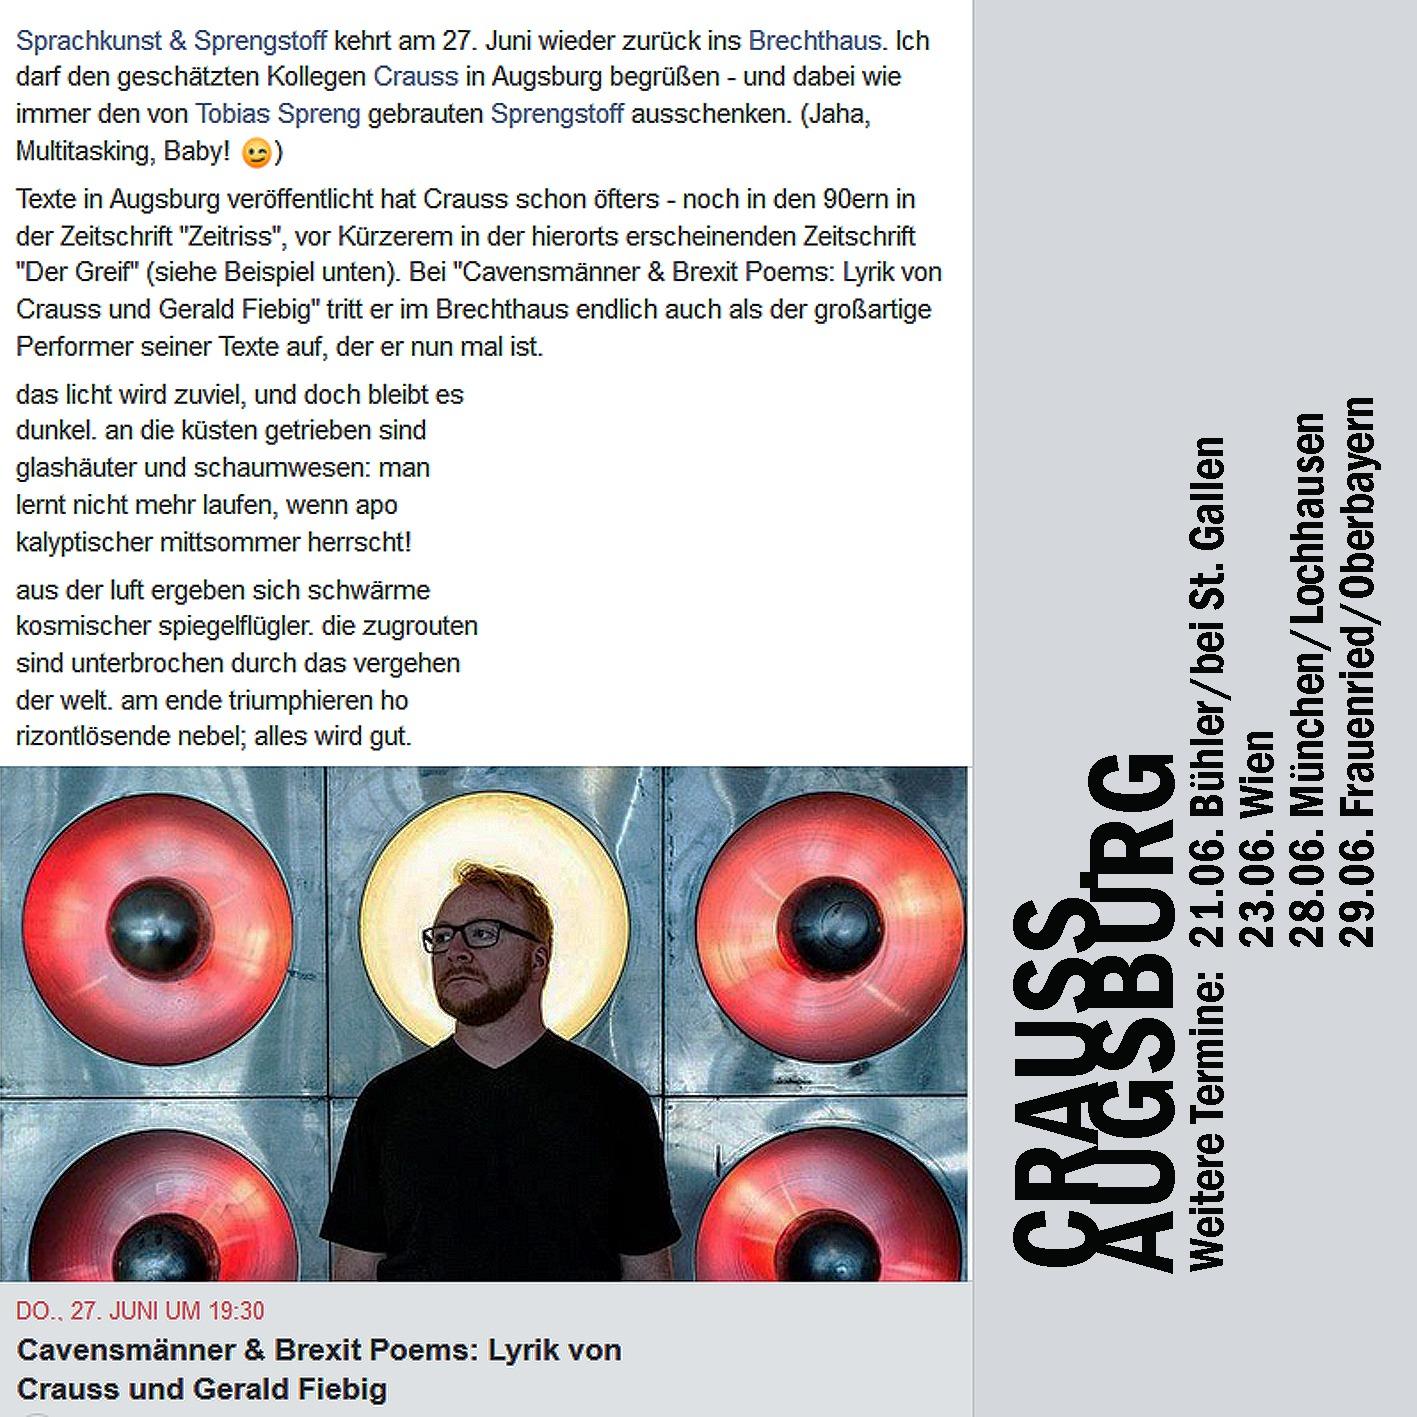 Crauss, Fiebig, Augsburg